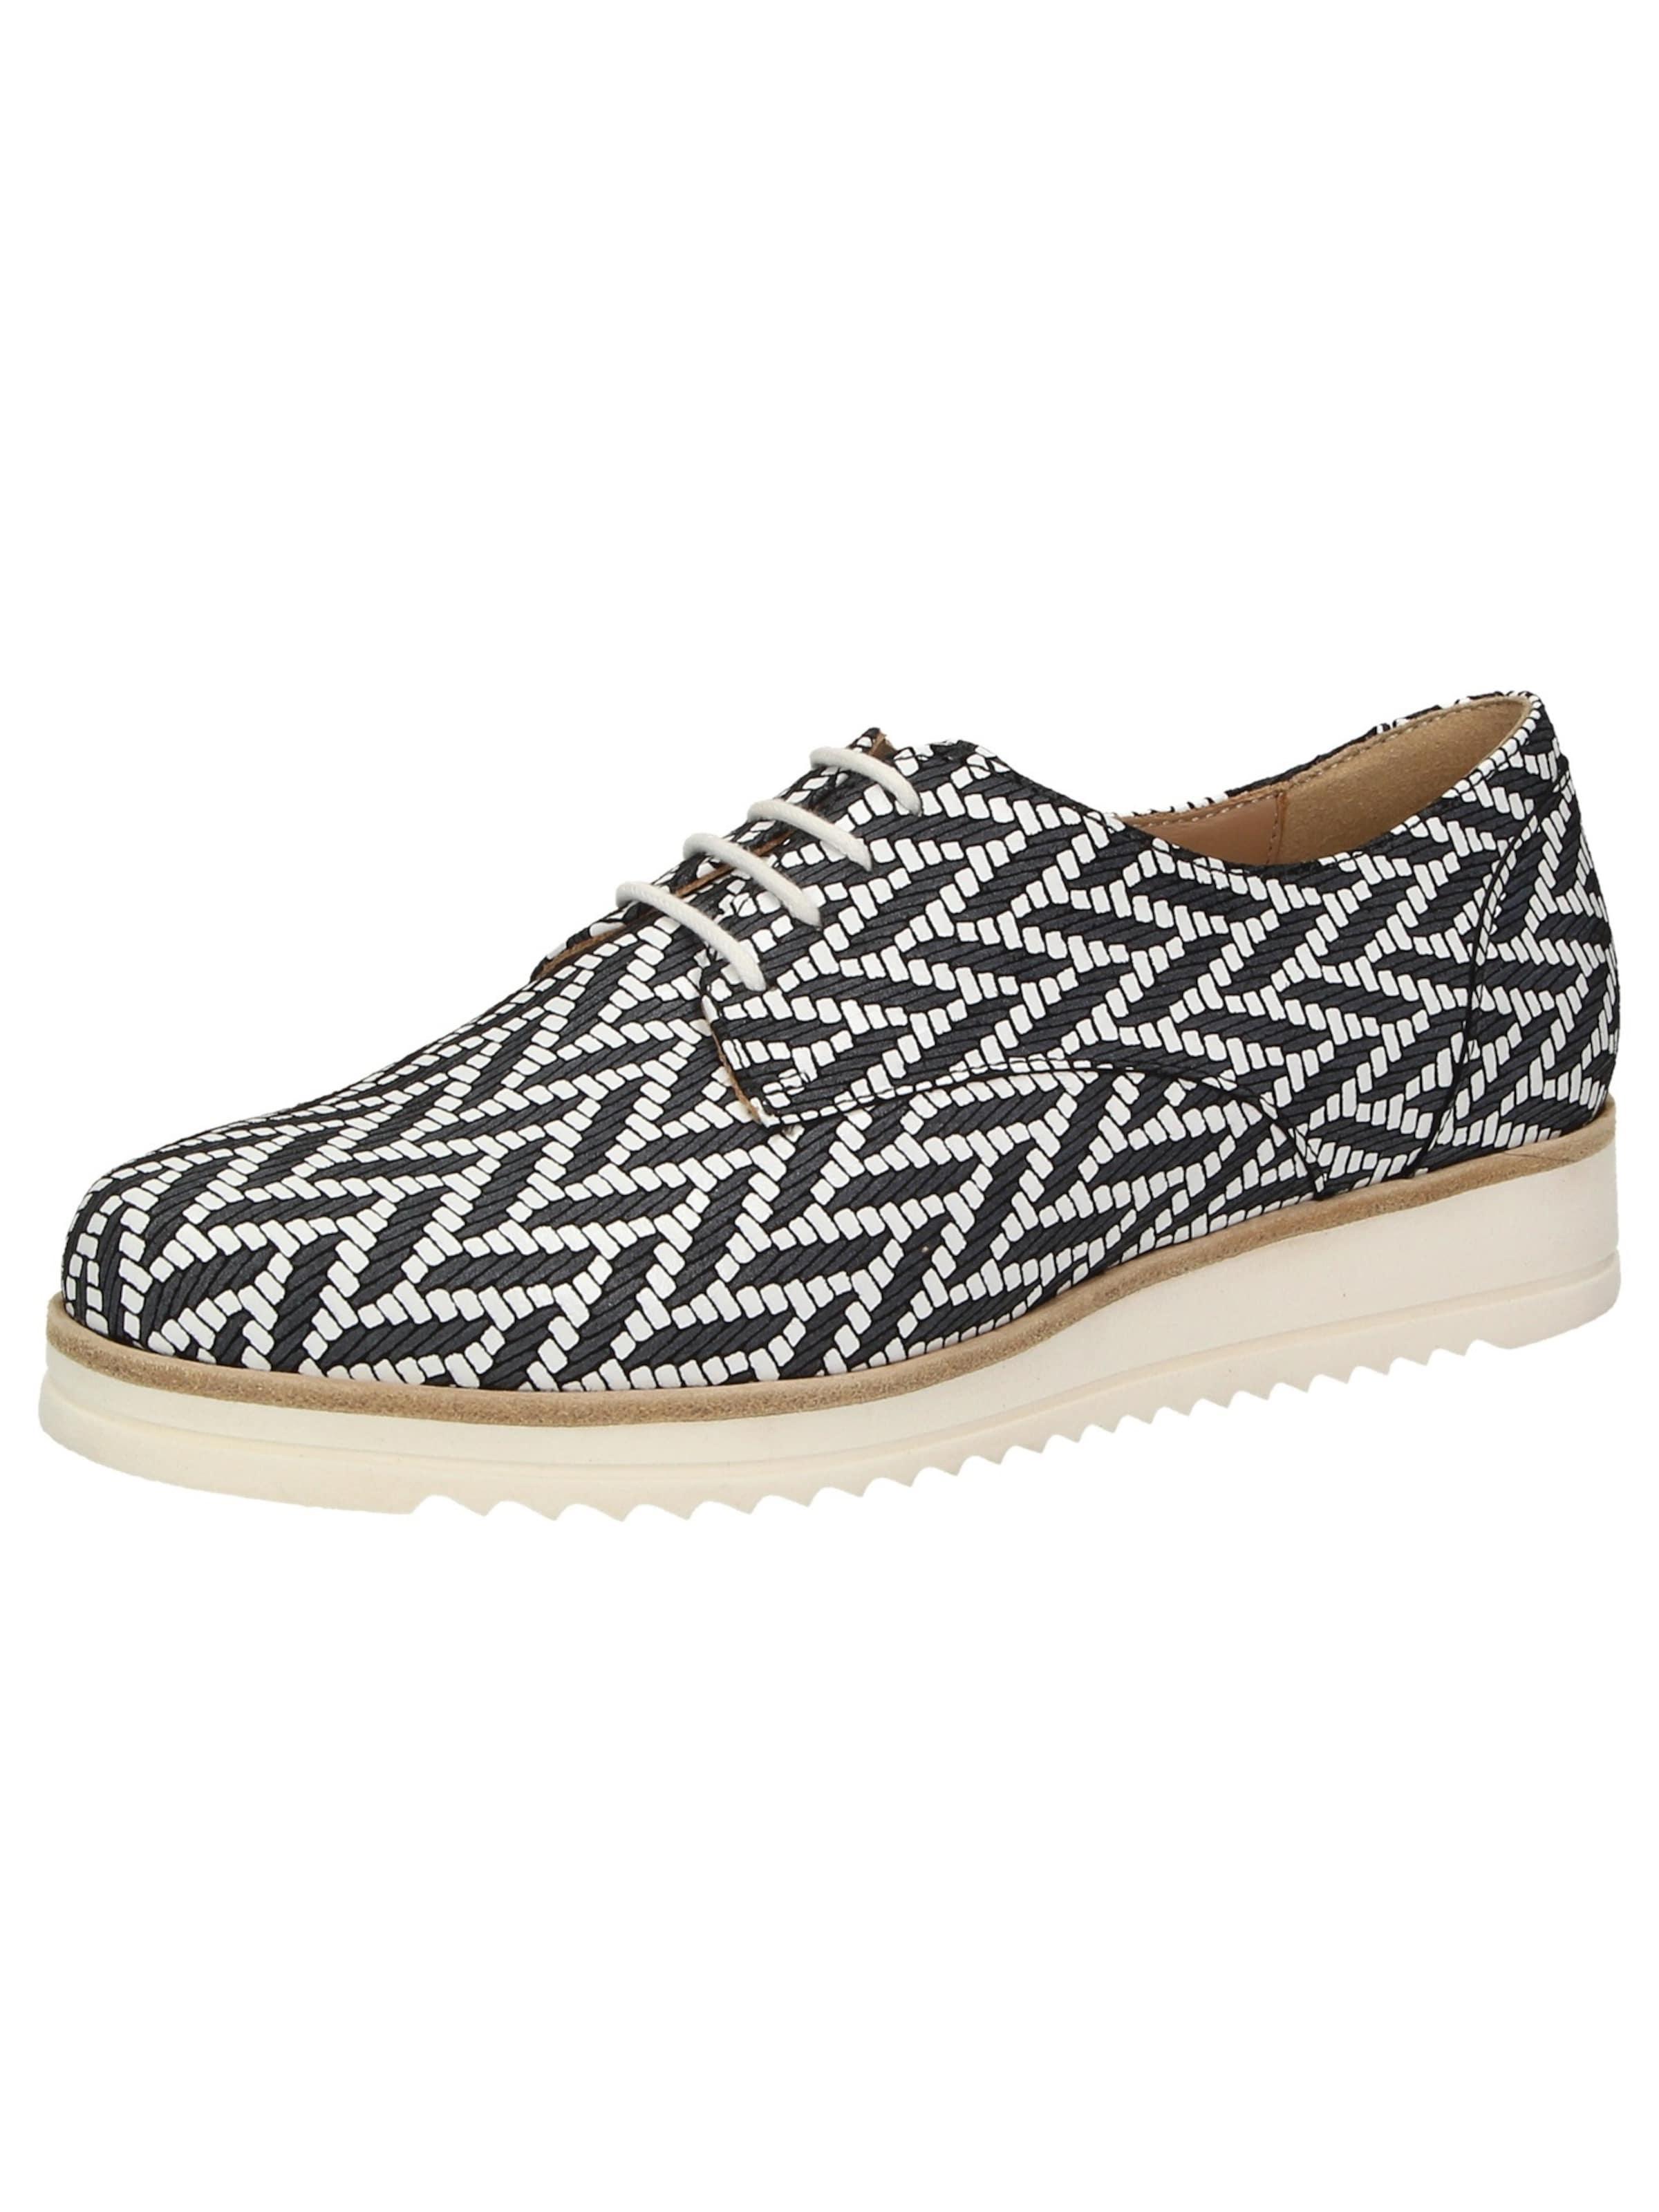 Haltbare Mode billige 'Vedika' Schuhe SIOUX | Schnürschuh 'Vedika' billige Schuhe Gut getragene Schuhe 0db160